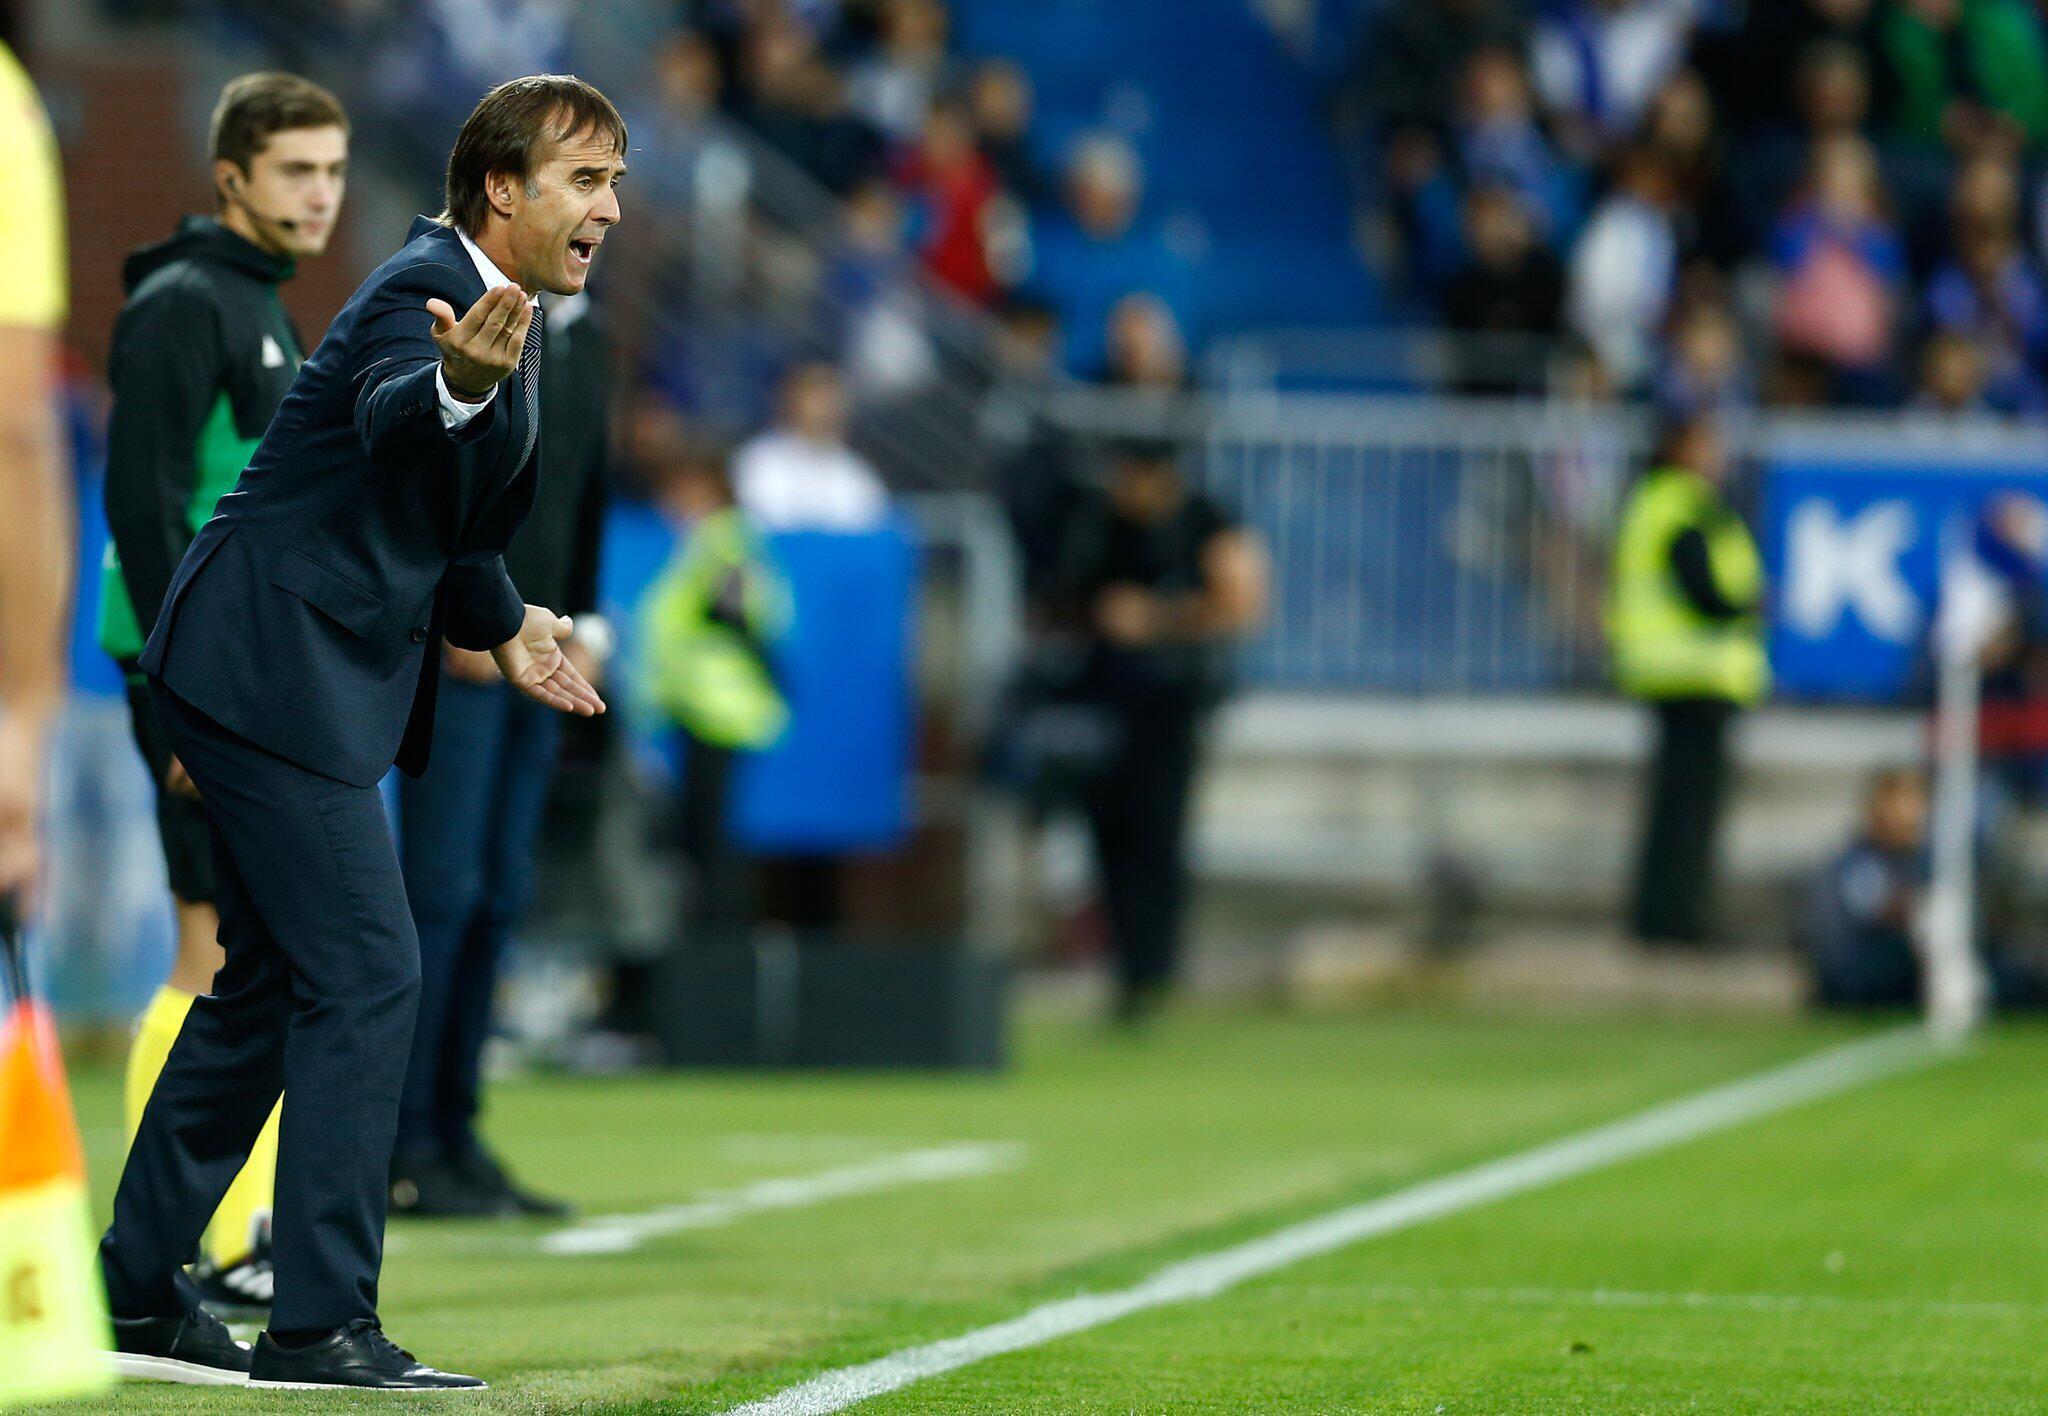 Bild zu CD Alaves - Real Madrid 1:0, Primera Division, La Liga, Julen Lopetegui